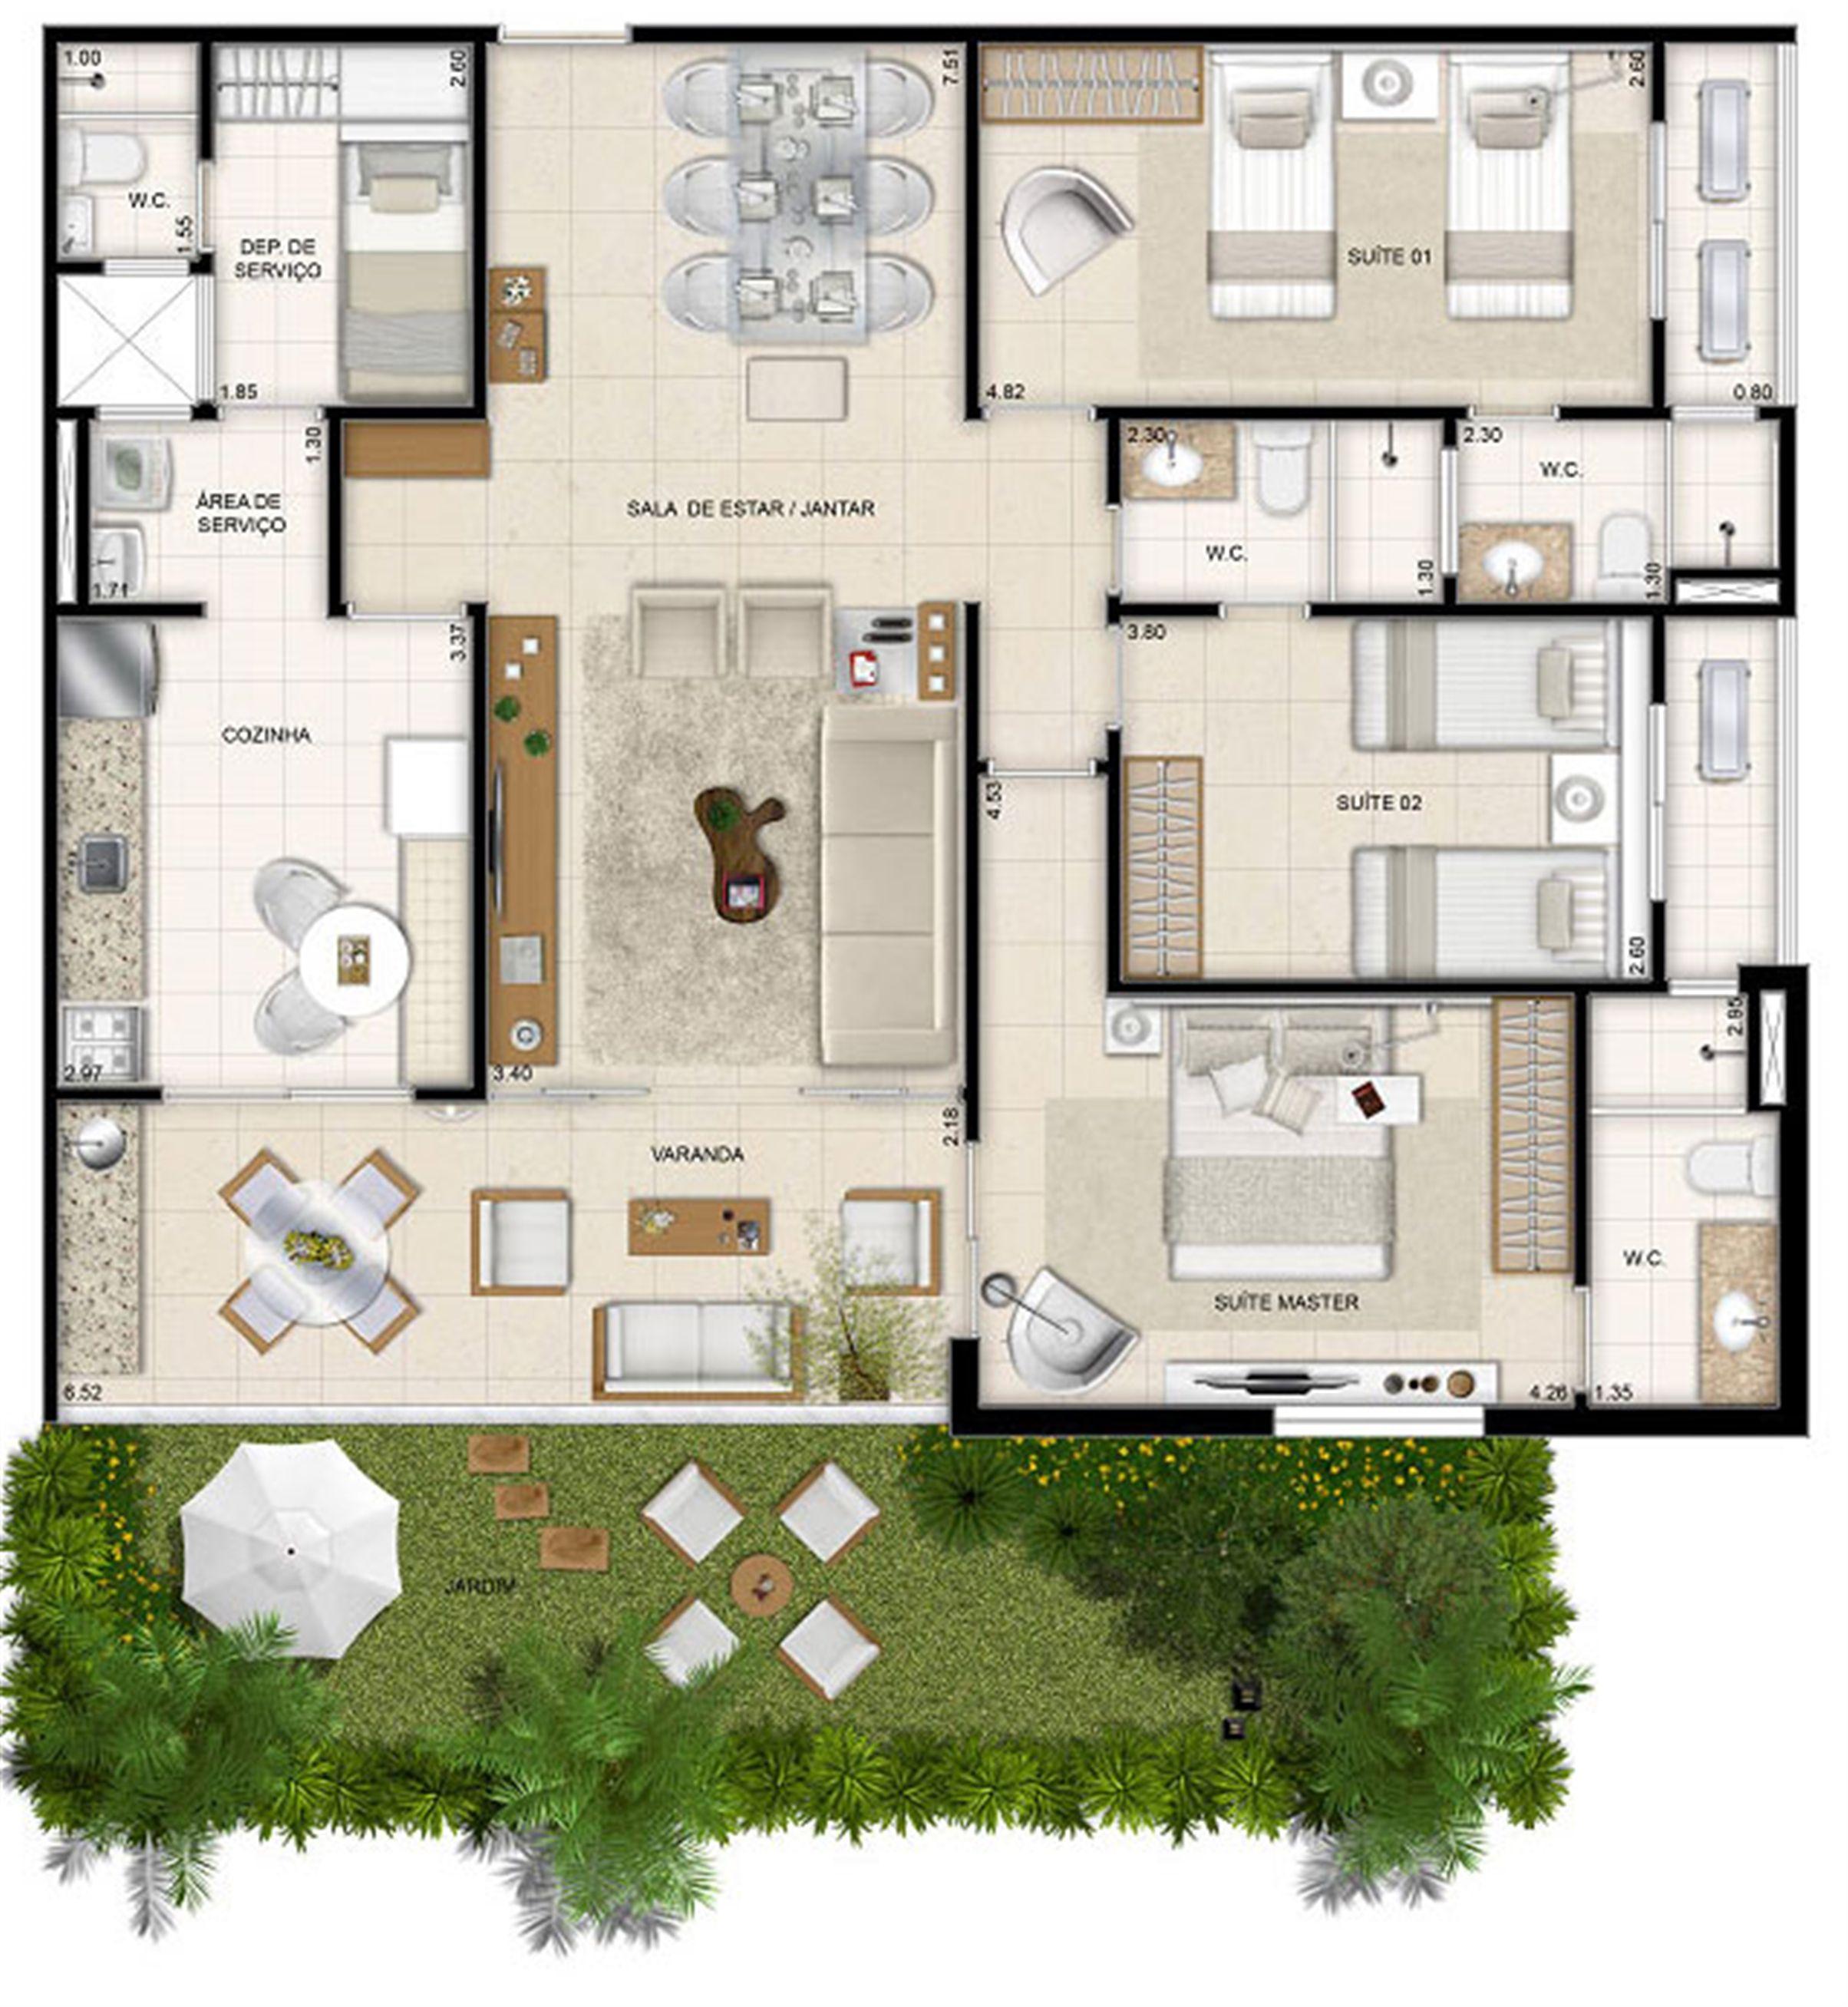 Perspectiva ilustrada da planta Mason Makani 126 m² | Mandara Kauai – Apartamento no  Porto das Dunas - Aquiraz - Ceará